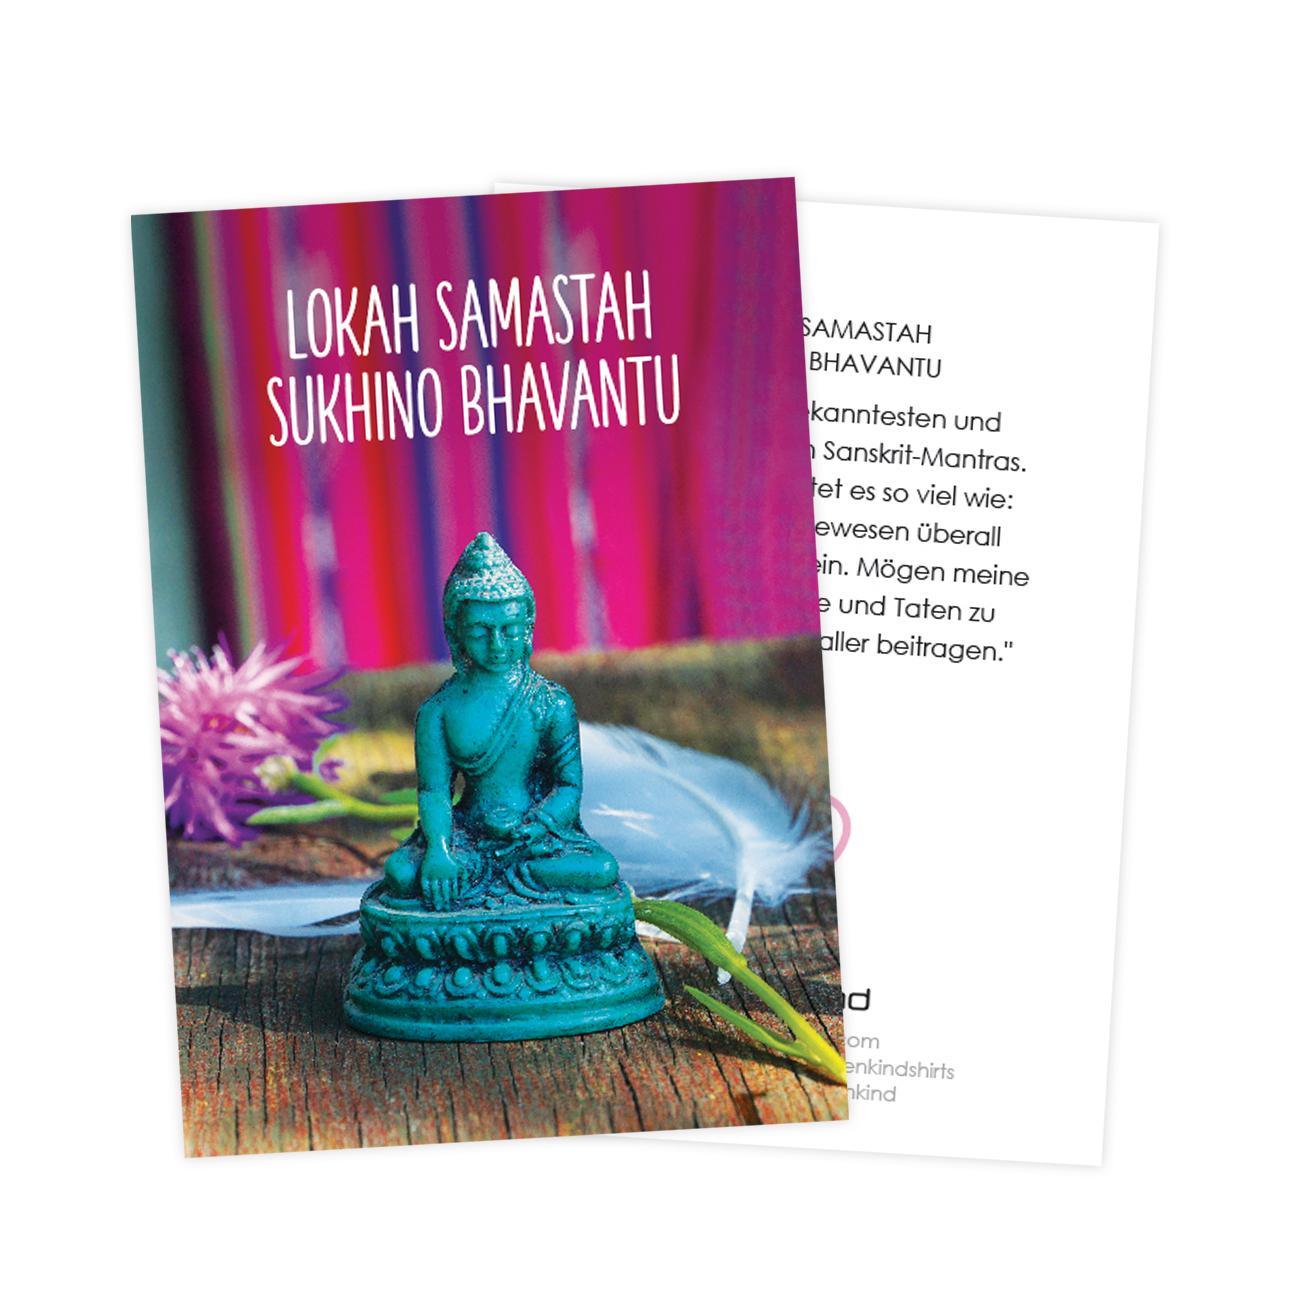 Mantra cards by Erdenkind / Lokah samstah sukino bhavantu